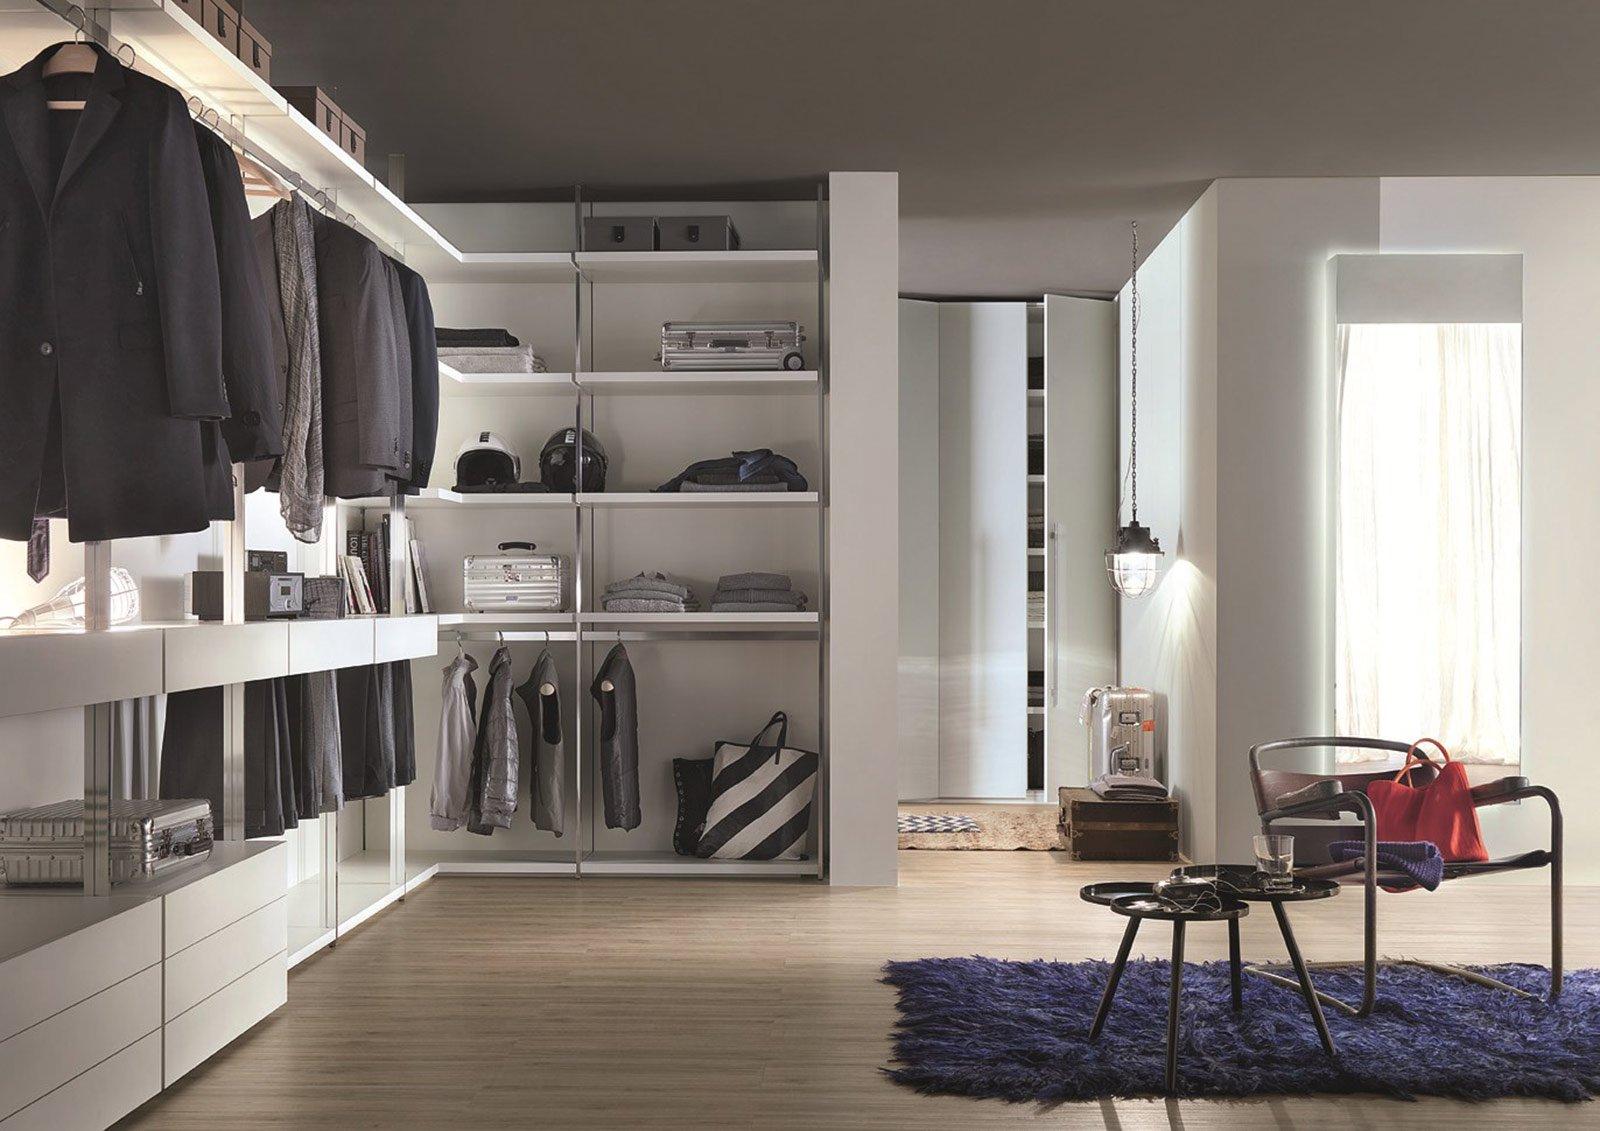 Cabine armadio progettiamo insieme lo spazio cose di casa for Disegni di interni